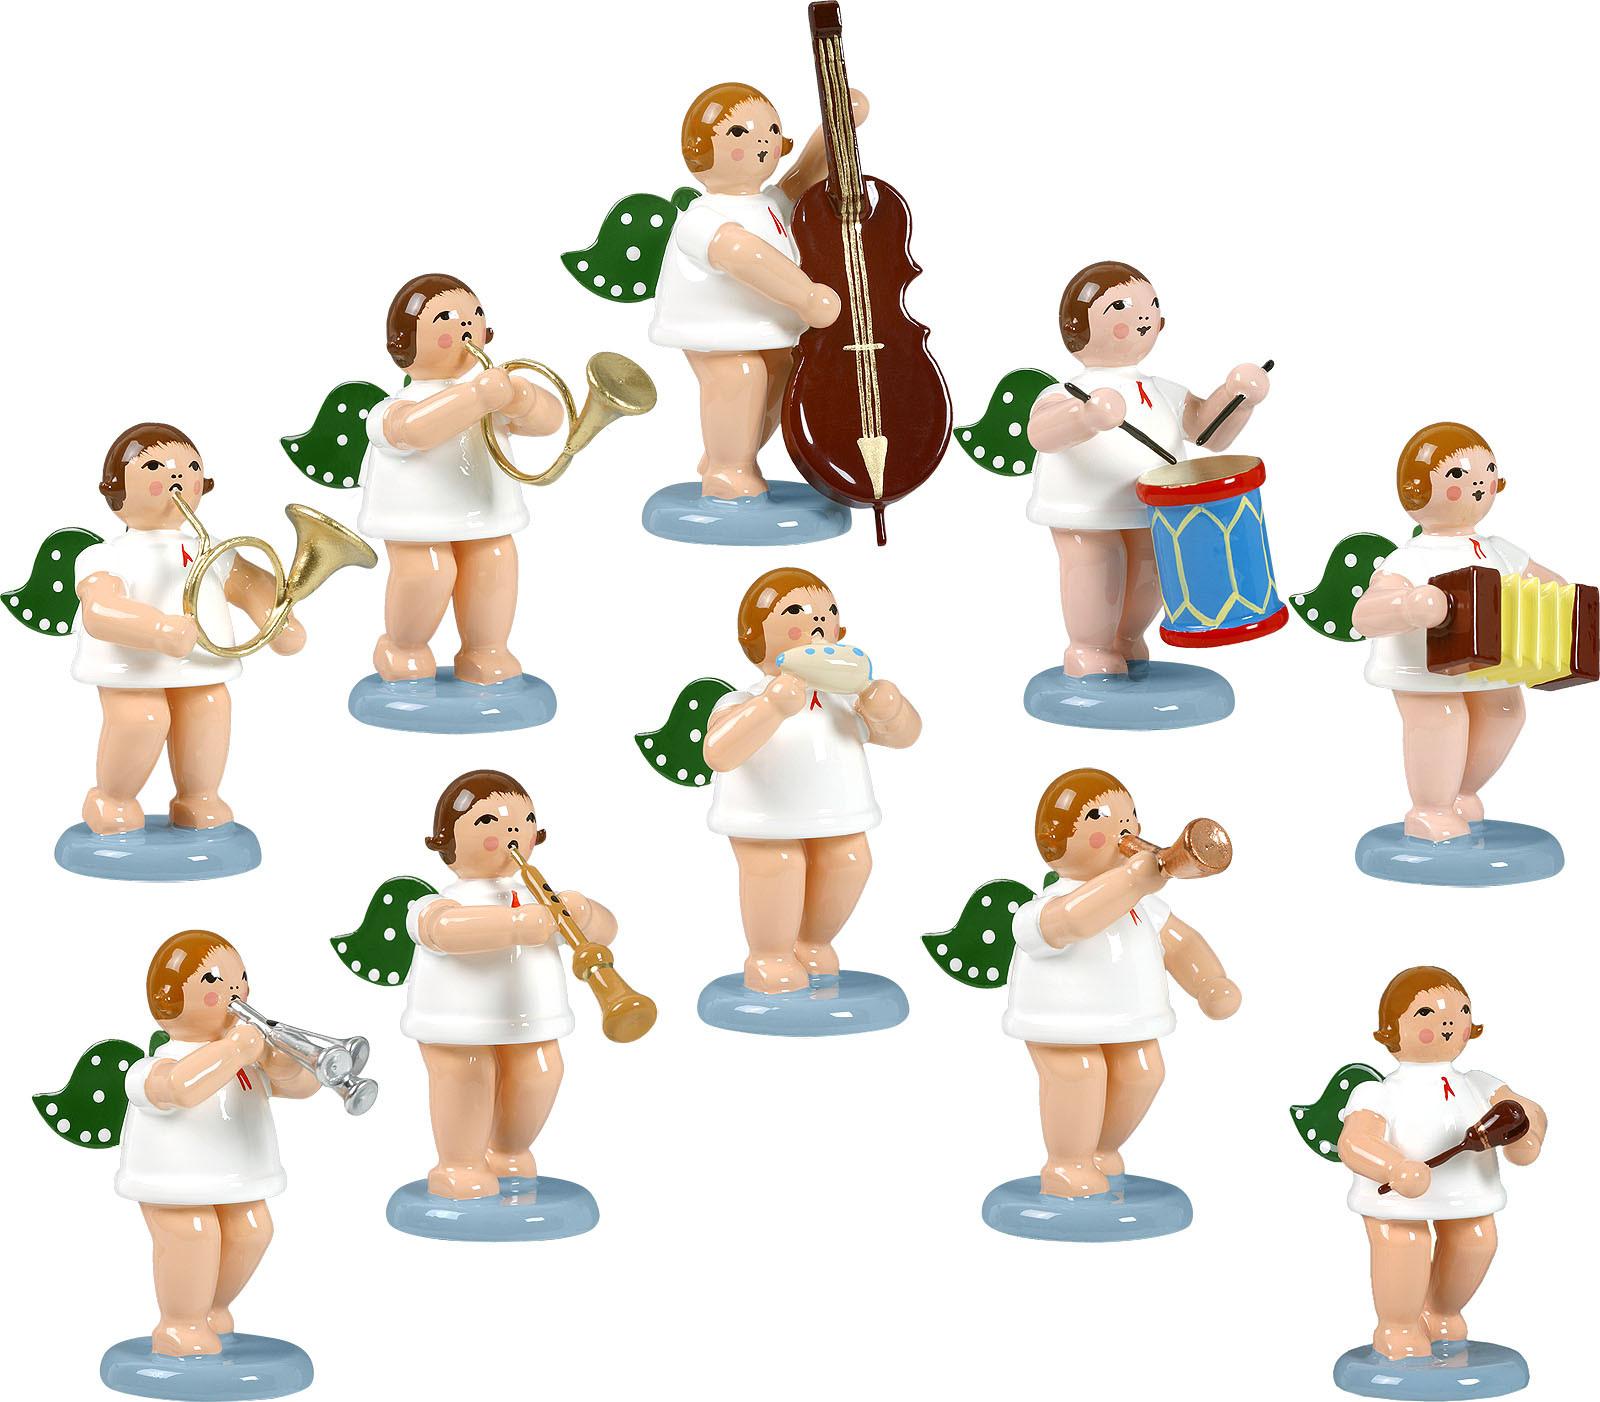 Engelmusikanten 10-teilig, Variante 4 - ohne Krone